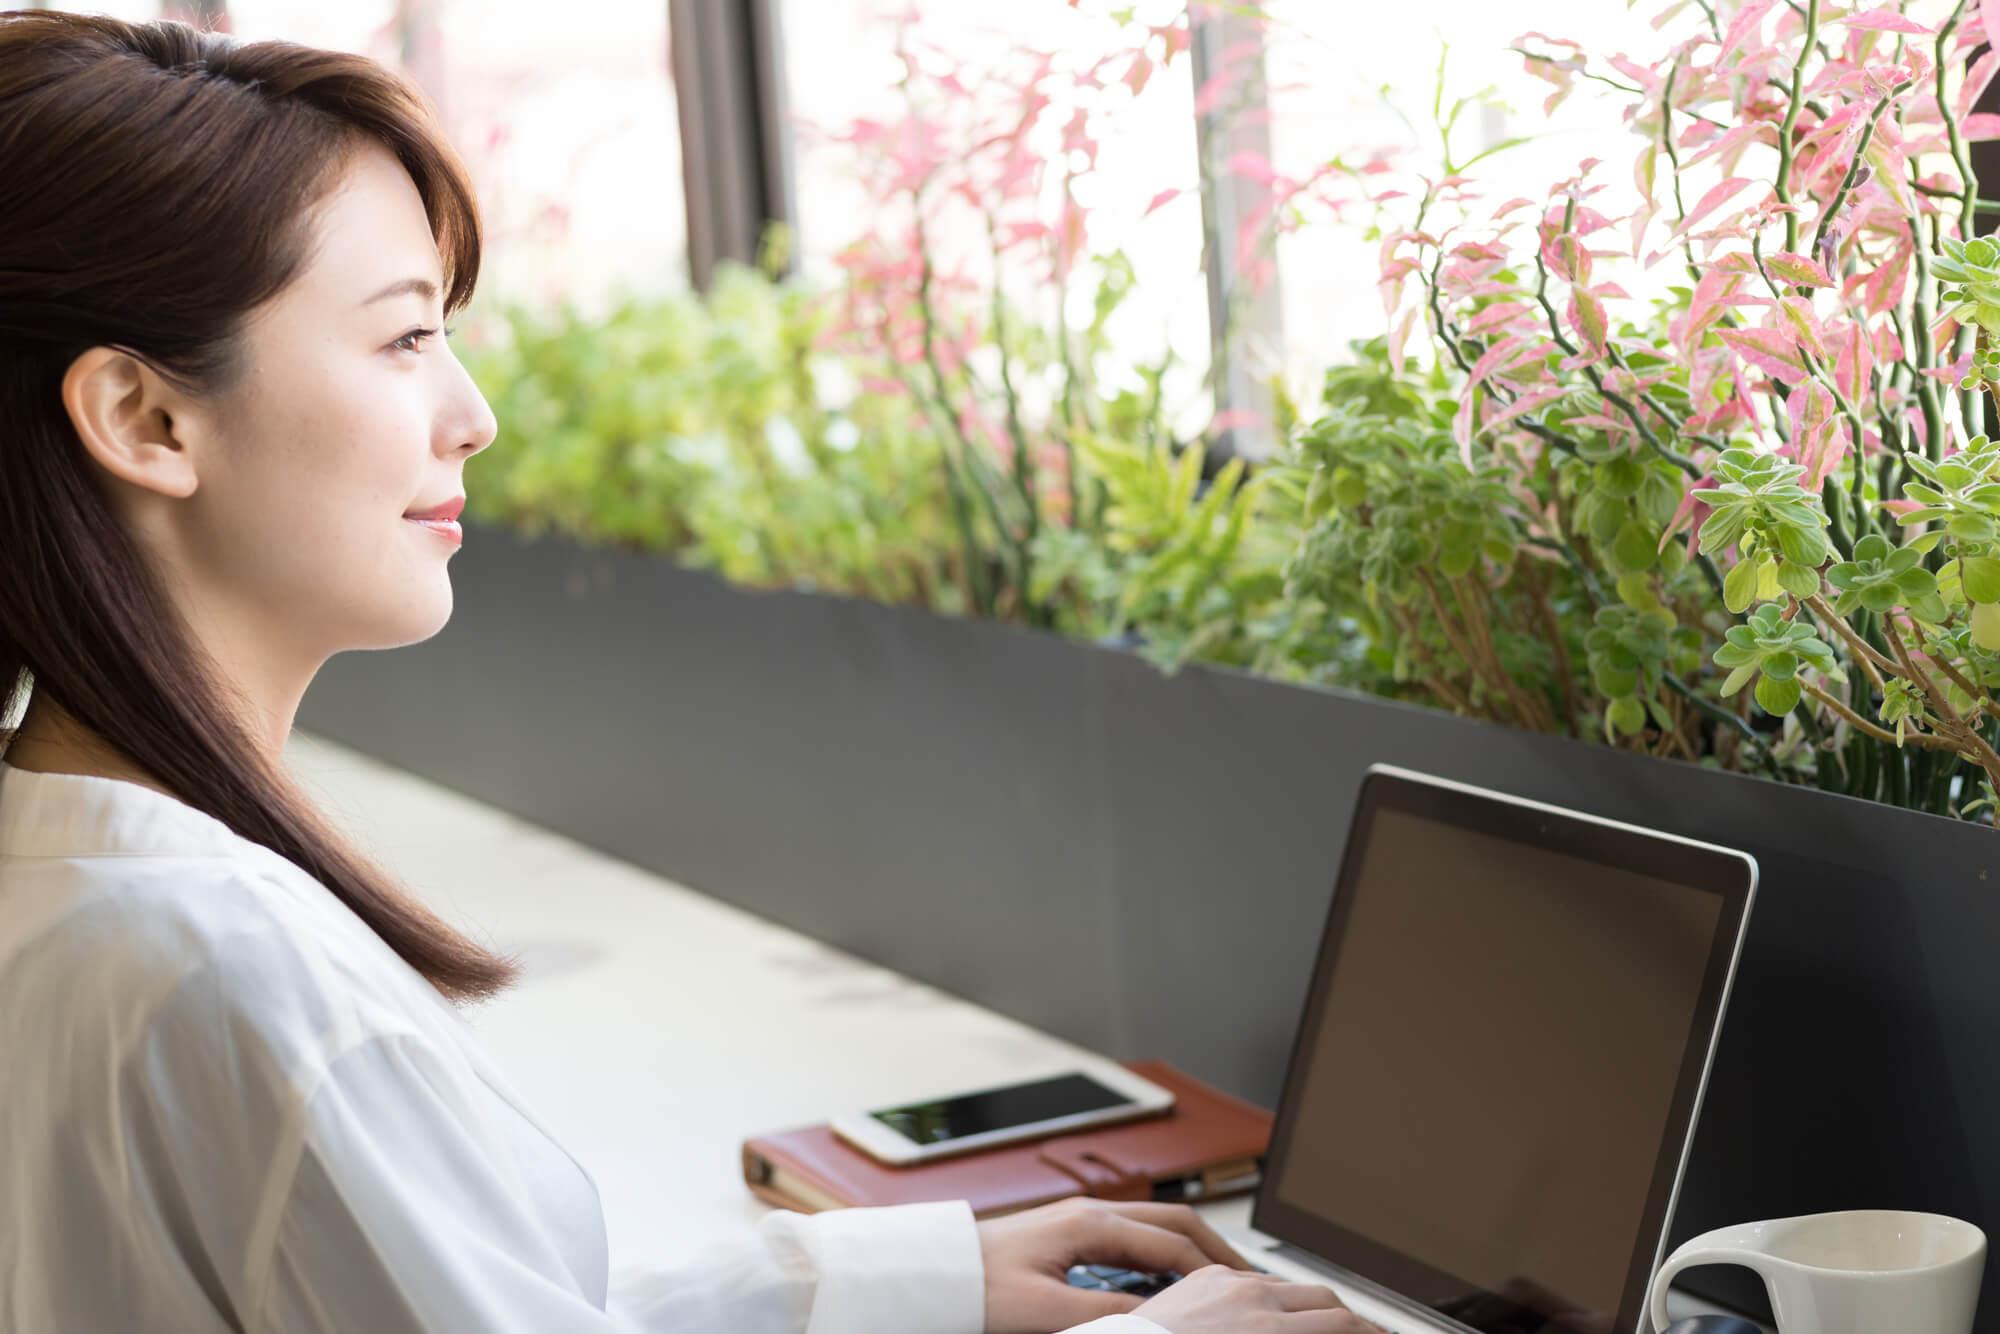 女性カウンセラーにメール相談している女性クライアント